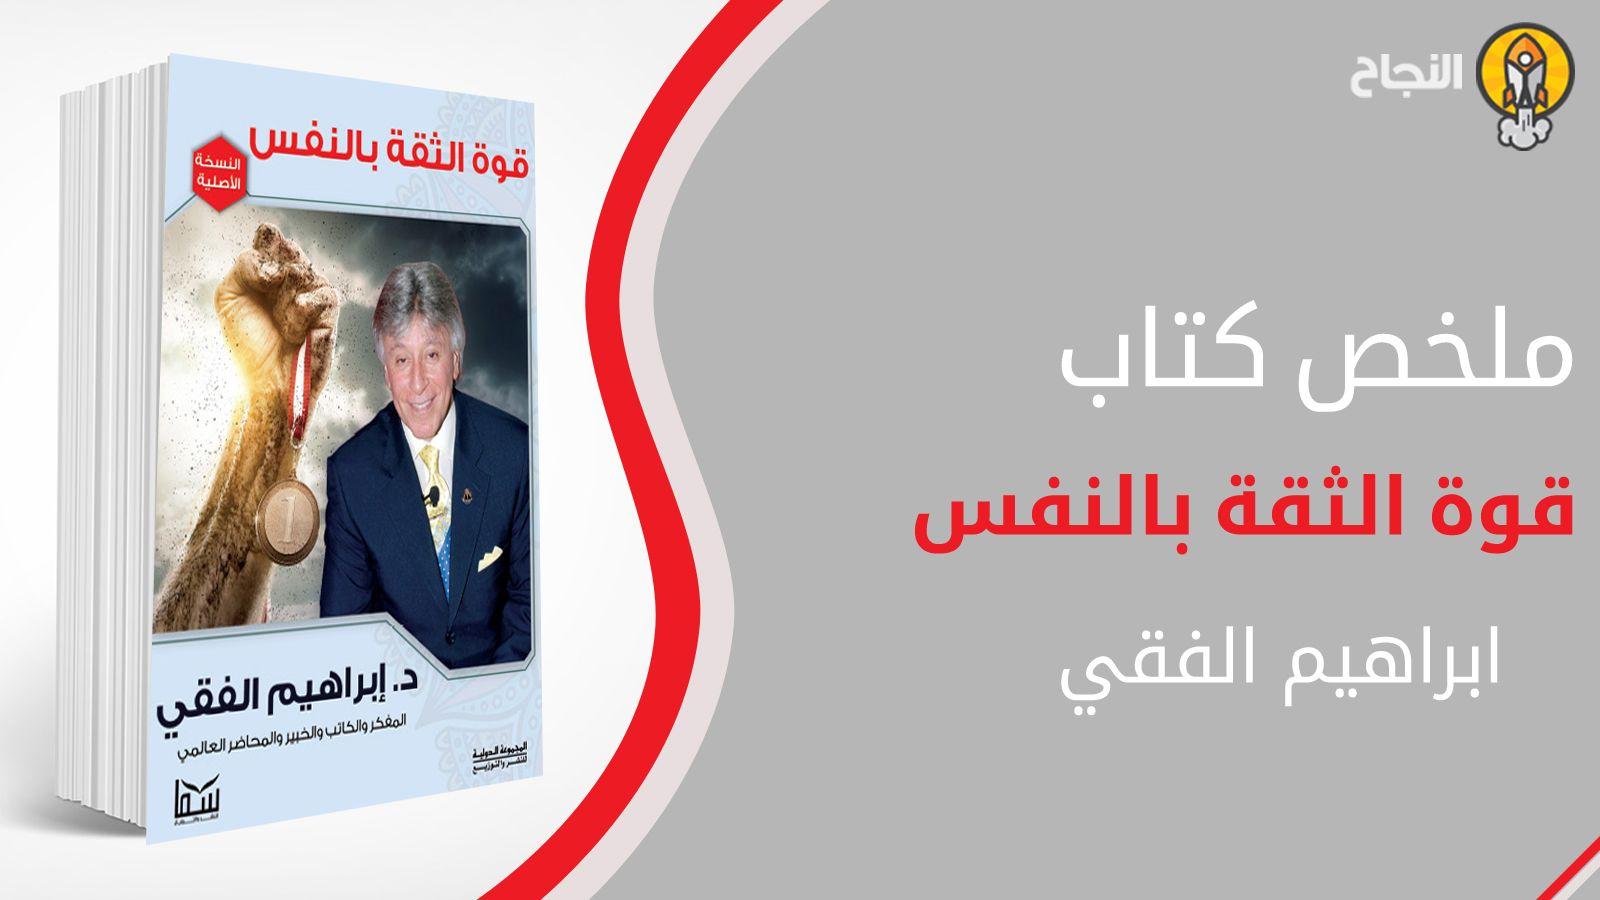 ملخص كتاب قوة الثقة بالنفس للدكتور ابراهيم الفقي In 2021 Books Oga Incoming Call Screenshot